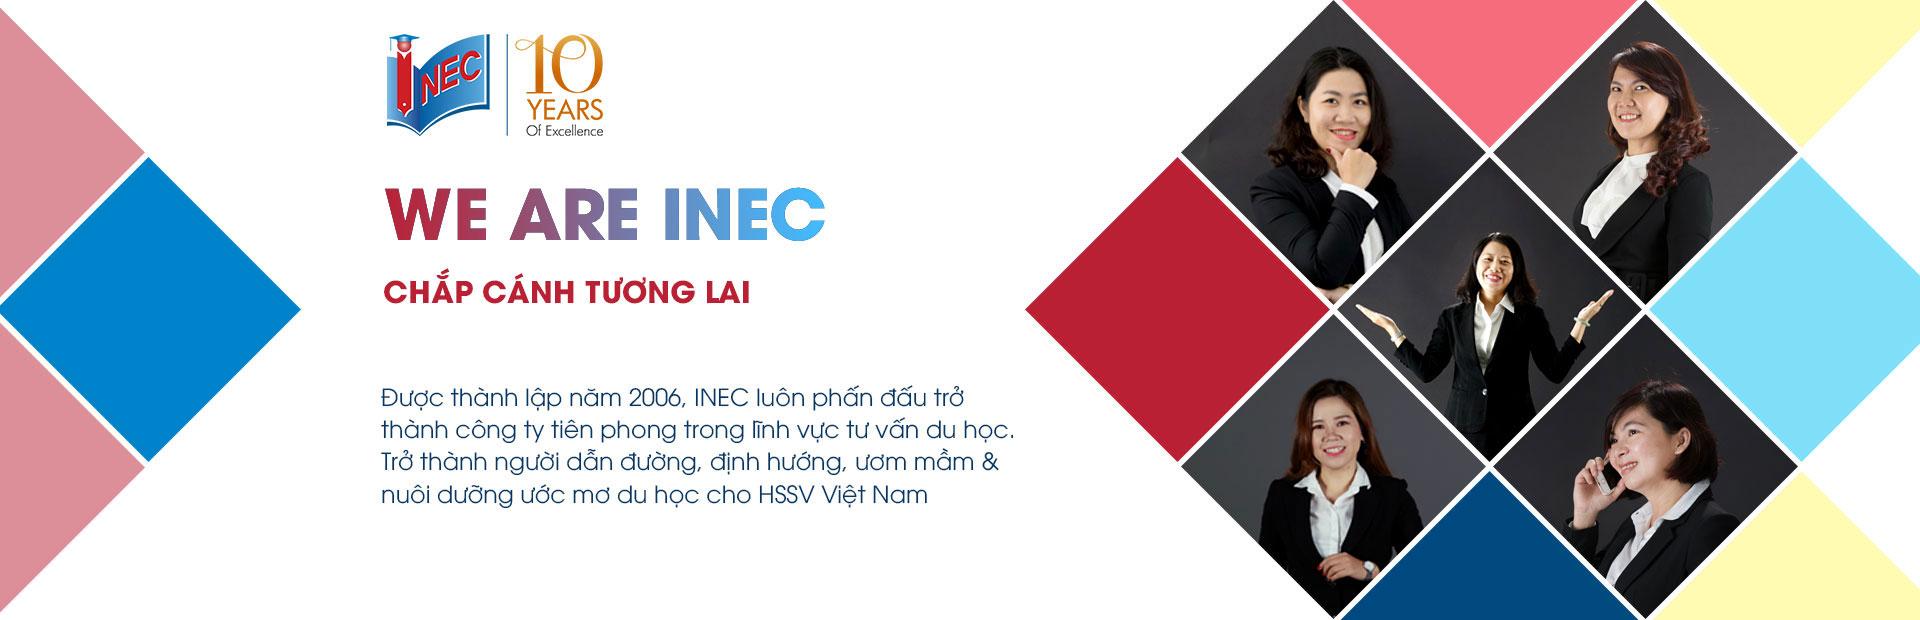 Giới thiệu INEC